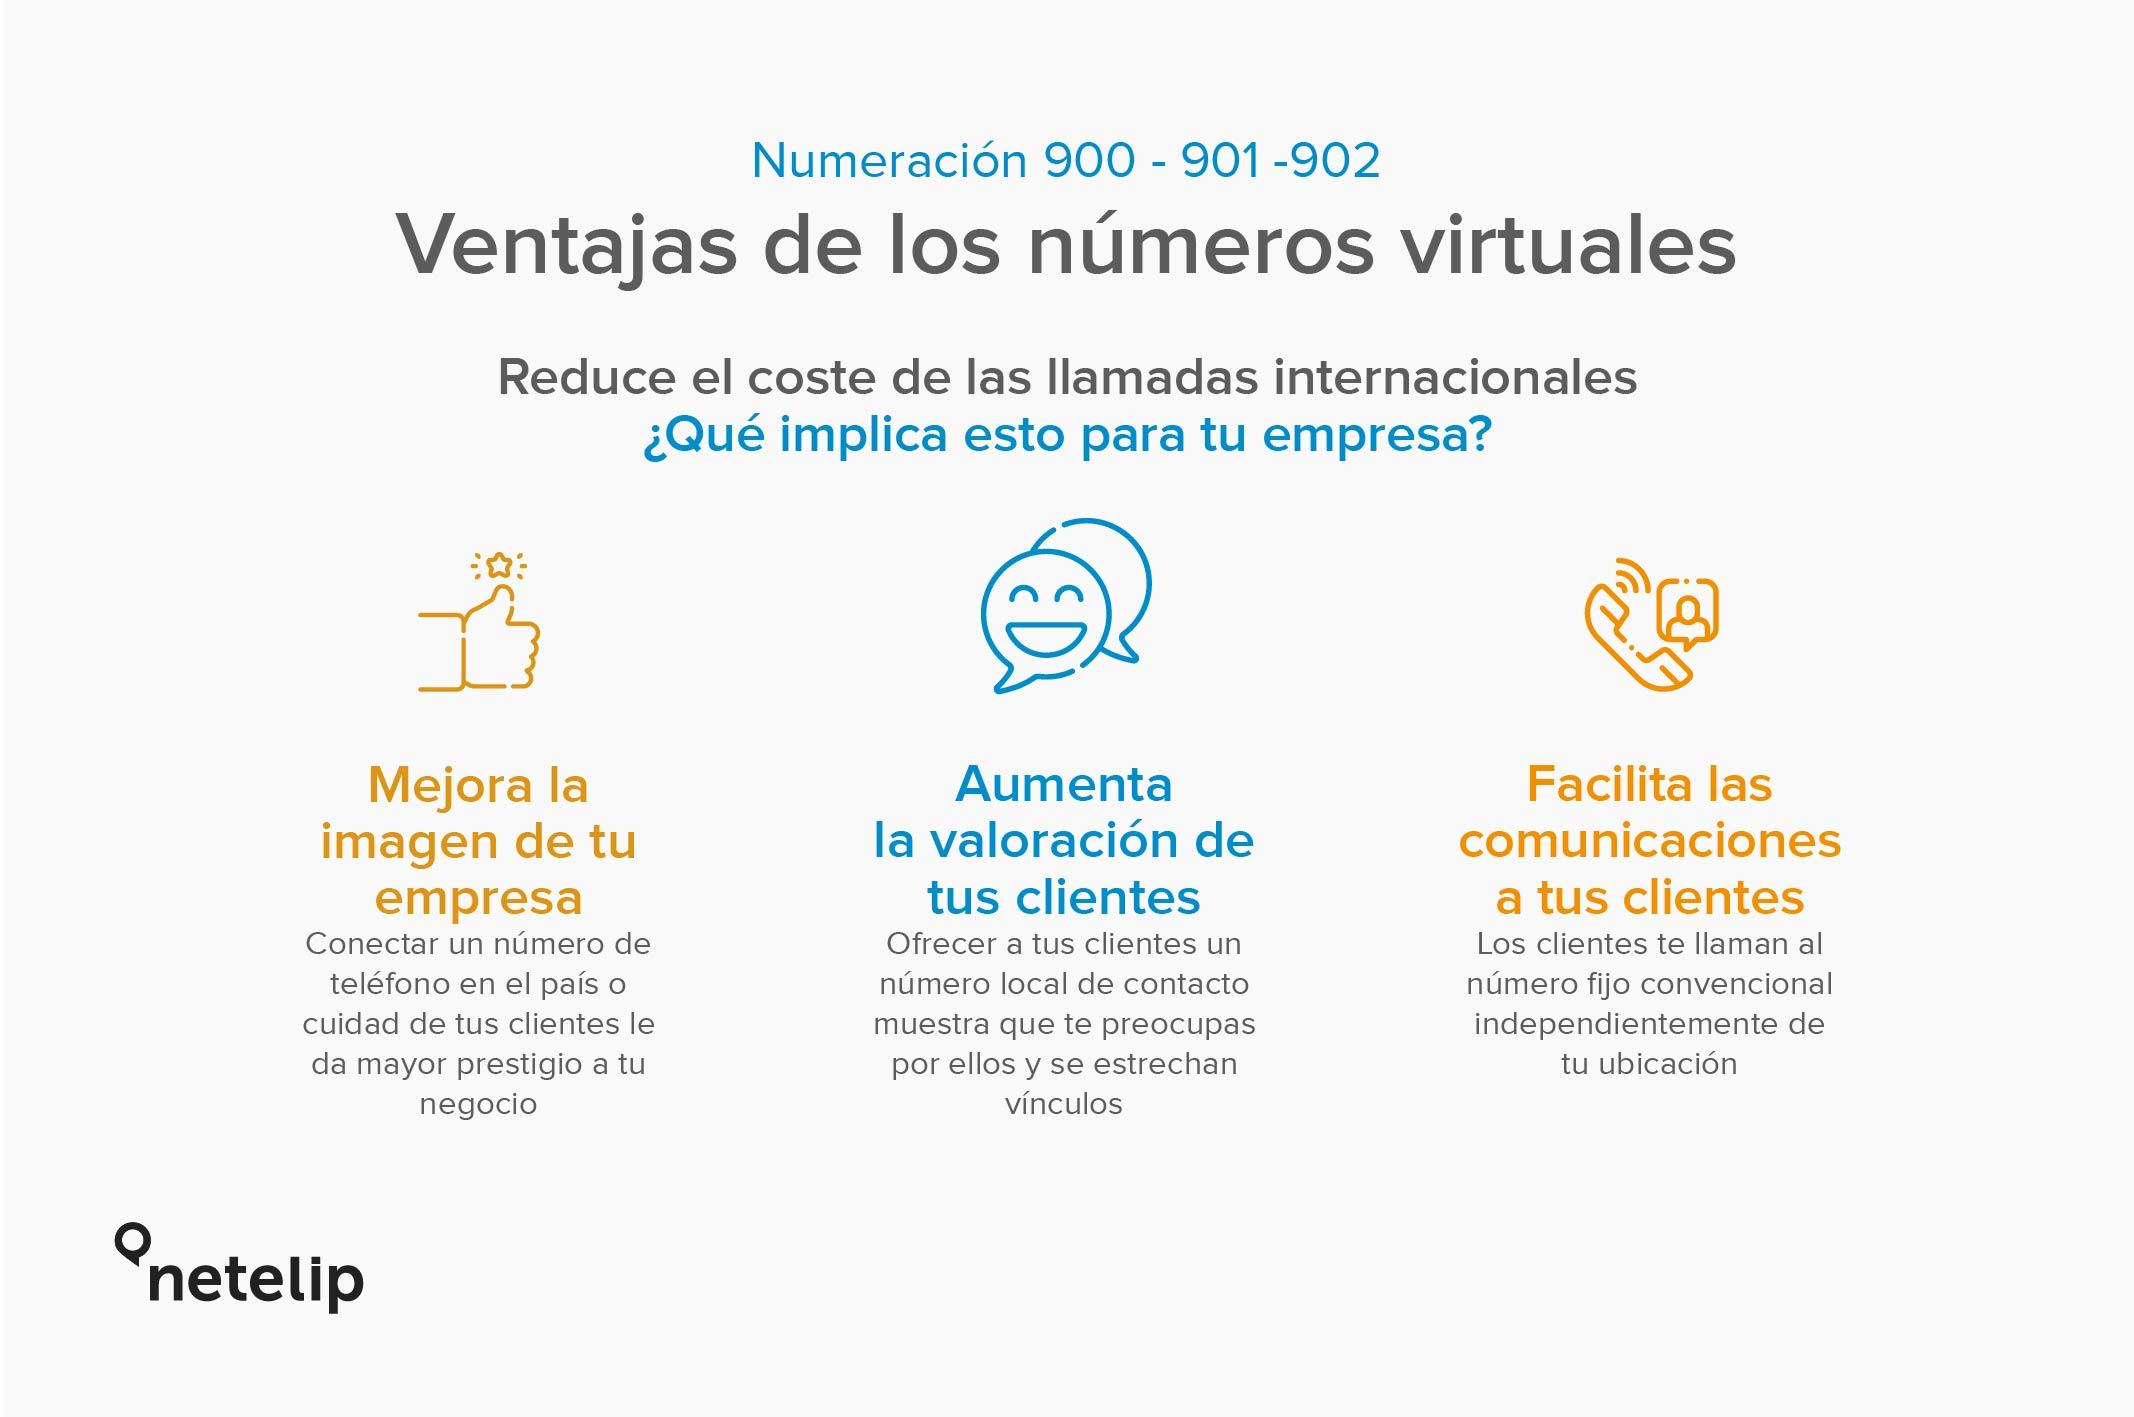 Ventajas de los números virtuales